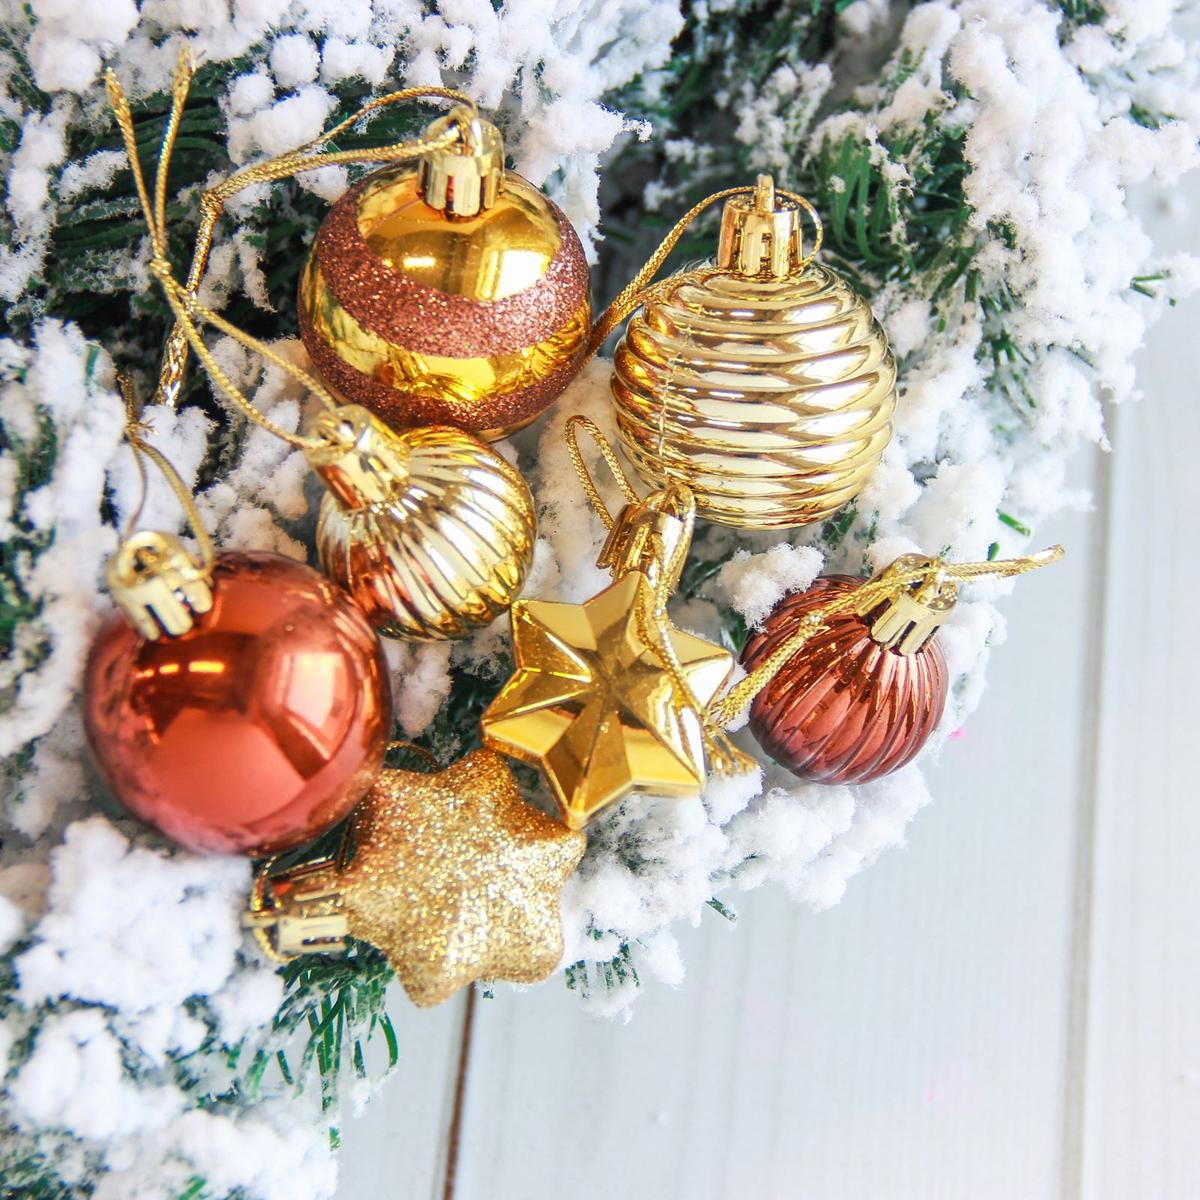 Набор новогодних подвесных украшений Sima-land Серпантин, цвет: коричневый, 21 шт2122890Набор новогодних подвесных украшений Sima-land отлично подойдет для декорации вашего дома и новогодней ели. С помощью специальной петельки украшение можно повесить в любом понравившемся вам месте. Но, конечно, удачнее всего оно будет смотреться на праздничной елке. Елочная игрушка - символ Нового года. Она несет в себе волшебство и красоту праздника. Создайте в своем доме атмосферу веселья и радости, украшая новогоднюю елку нарядными игрушками, которые будут из года в год накапливать теплоту воспоминаний.